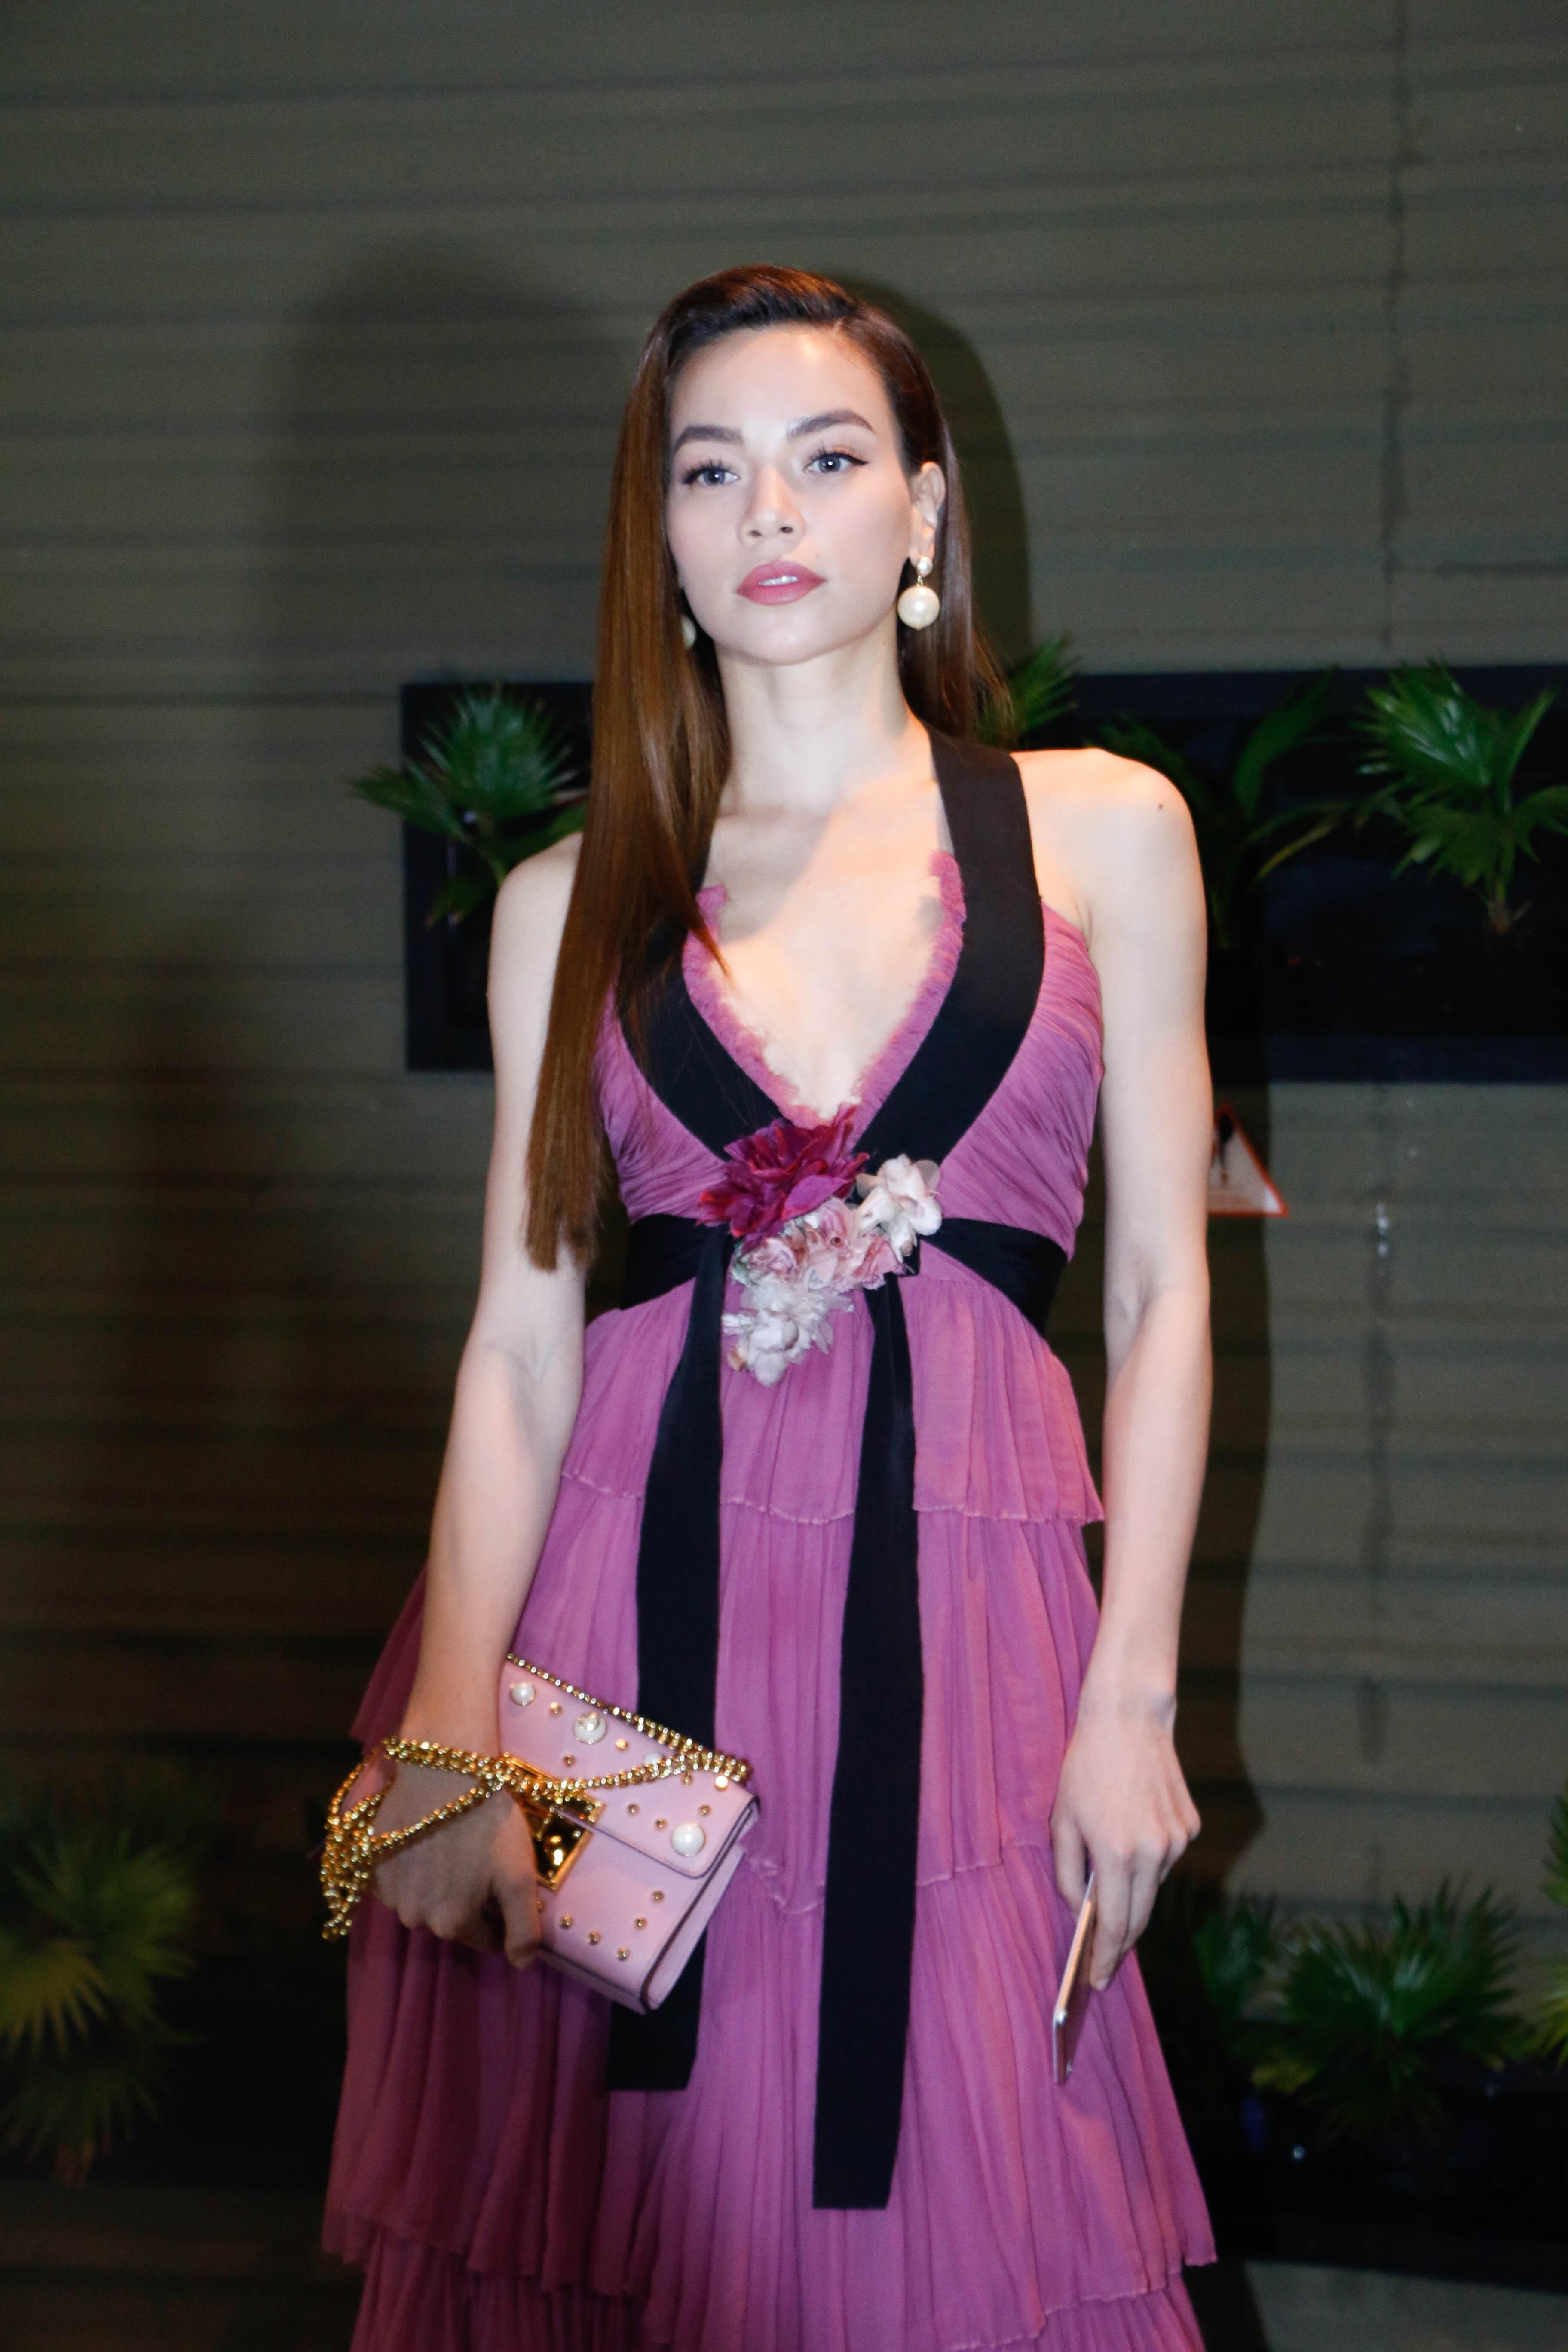 Hồ Ngọc Hà xuất hiện khá rạng rỡ trong trang phục hàng hiệu, tuy nhiên cô trông khá ốm